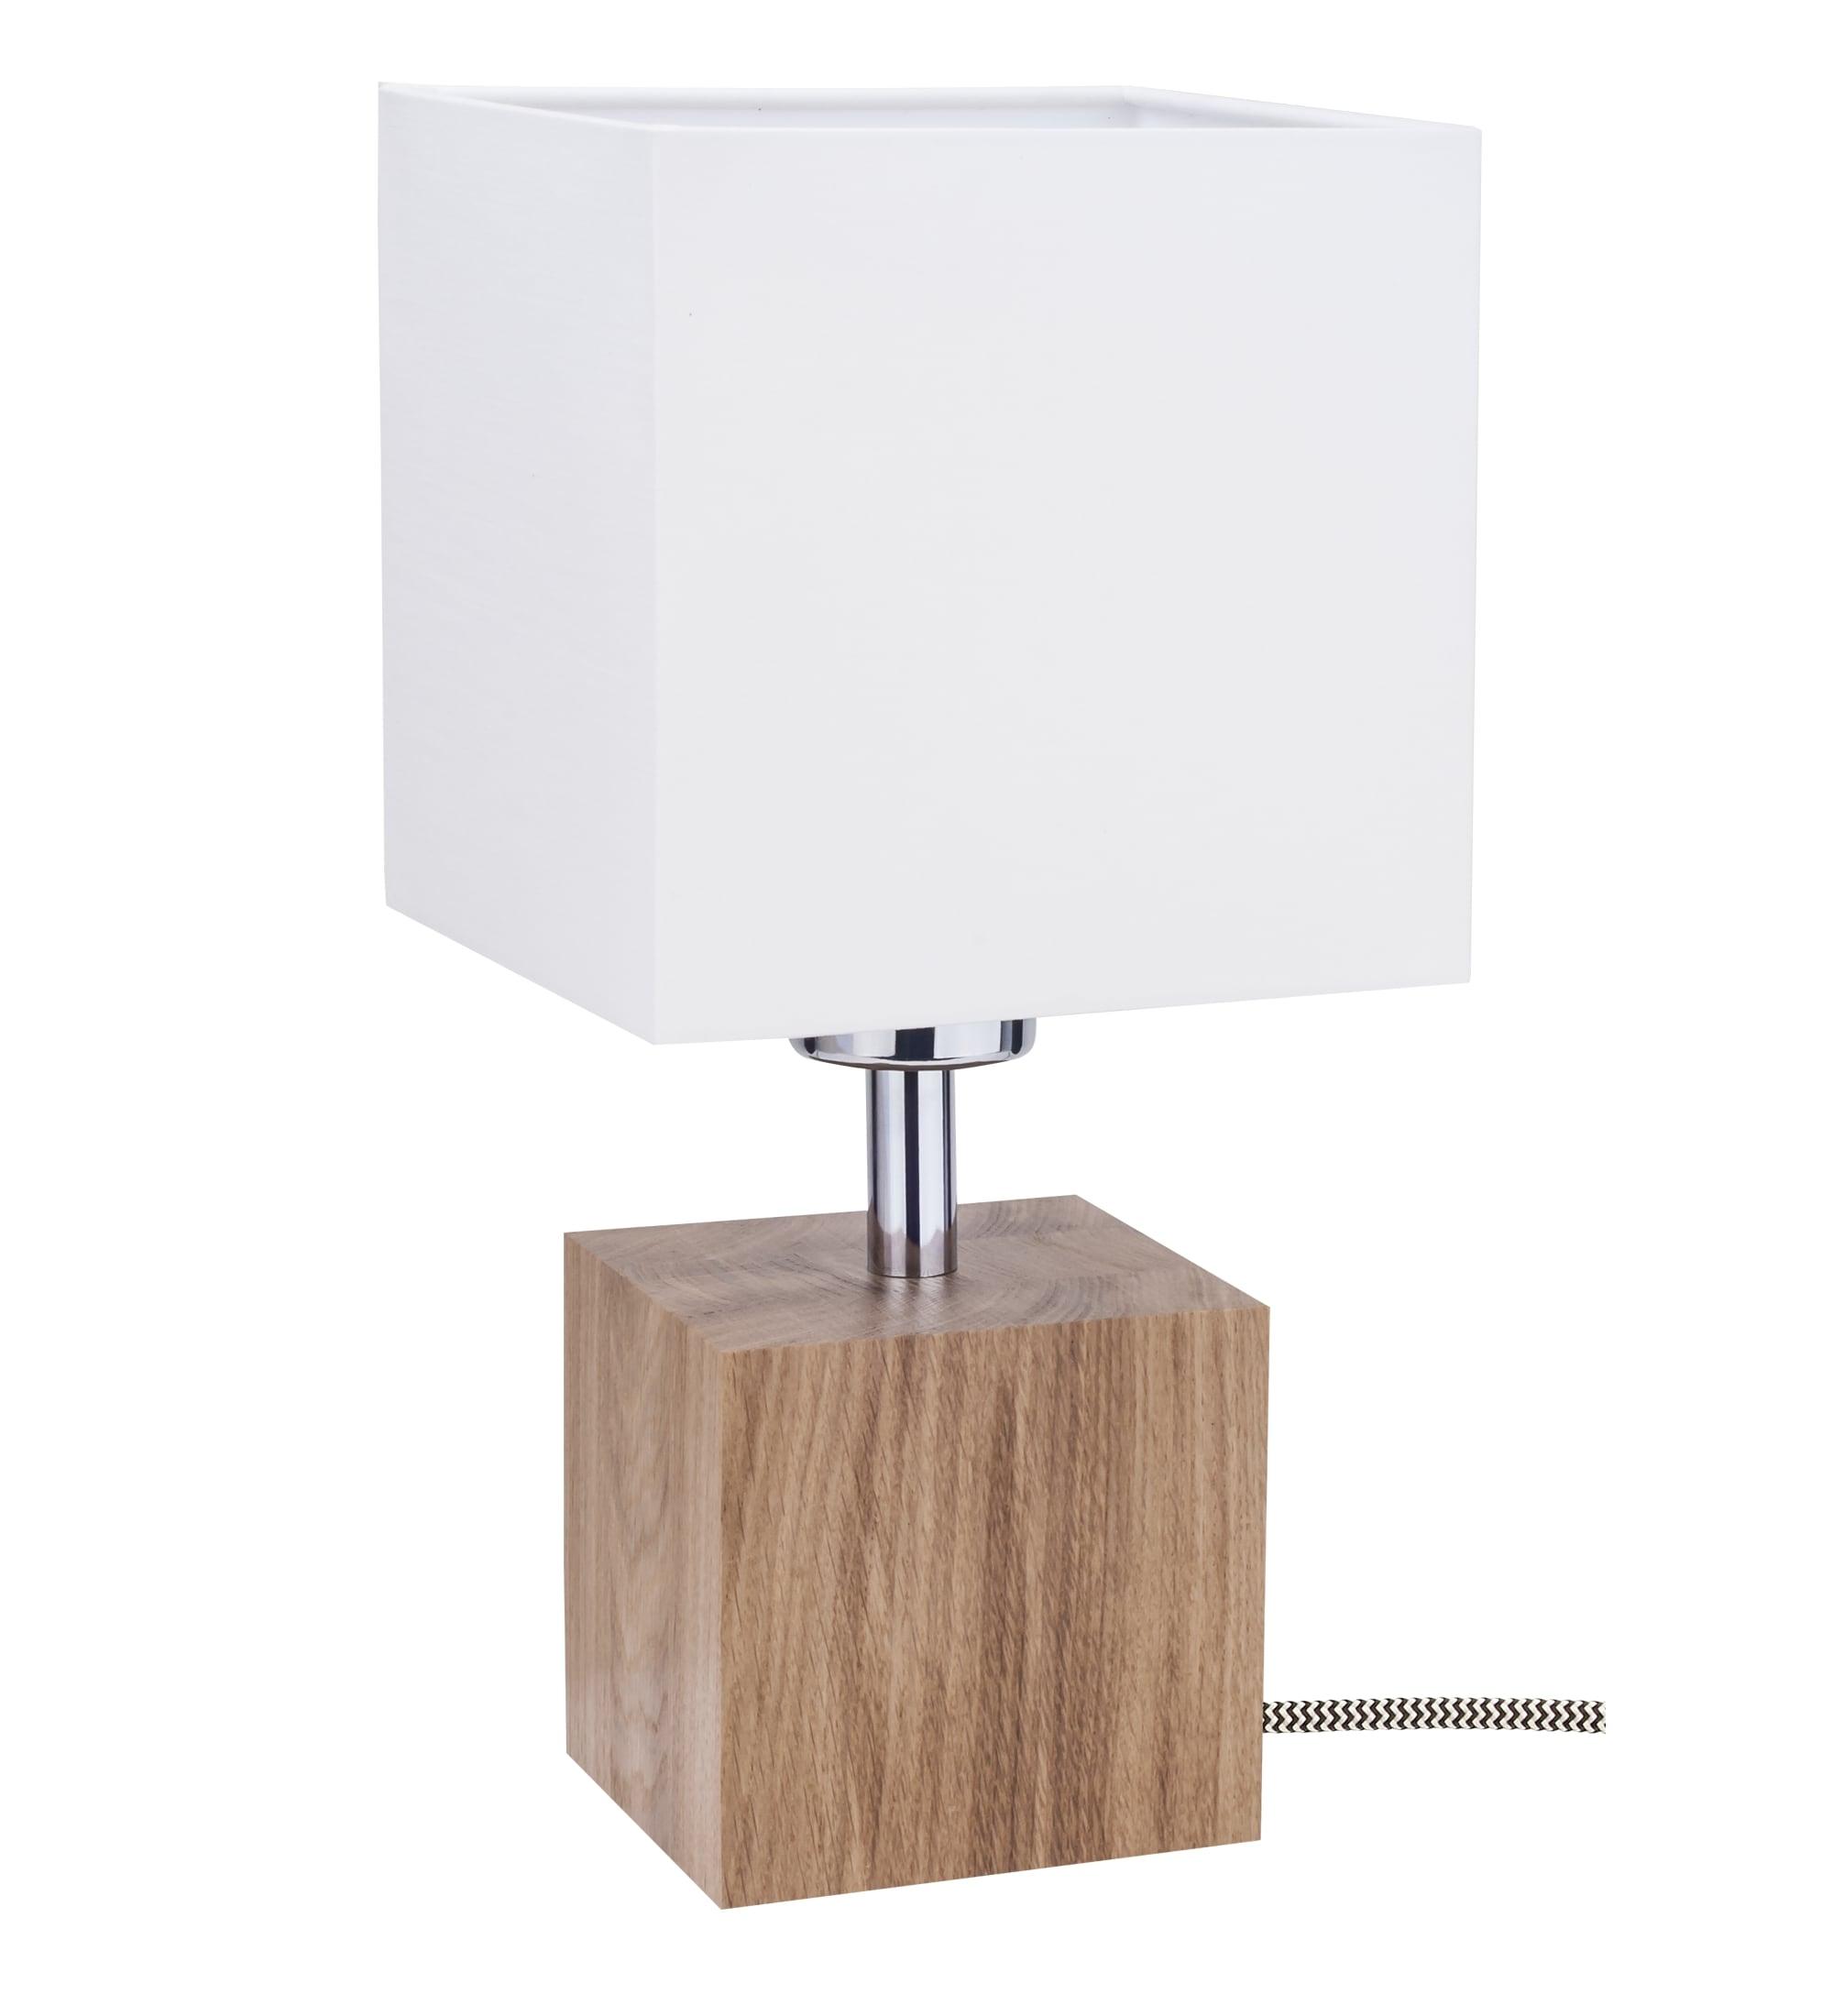 Lampa de masă Trongo dąb / czarno-biały / alb E27 60W